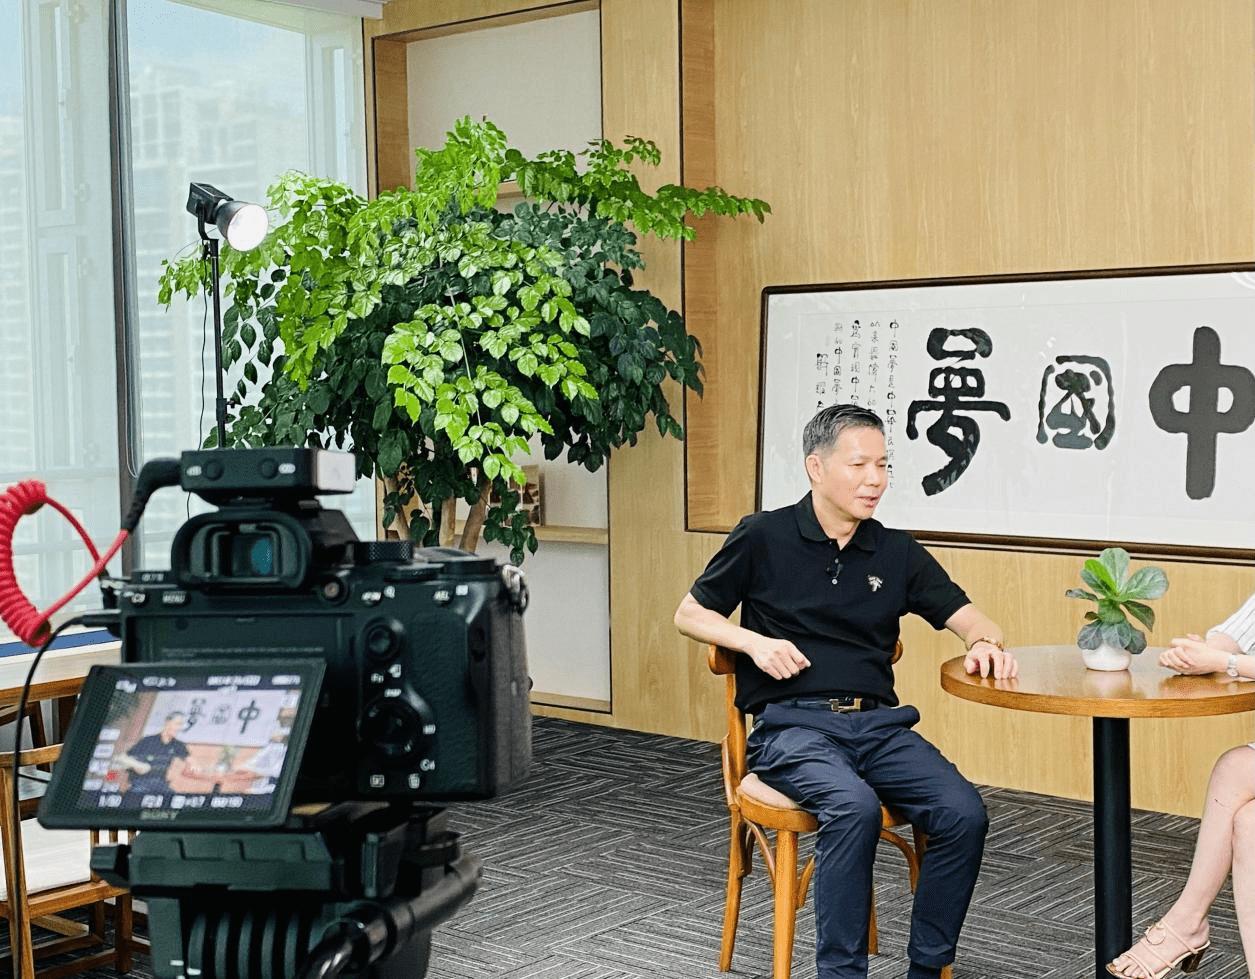 书画艺术名家郭耀庭访谈:书法要紧跟时代步伐6